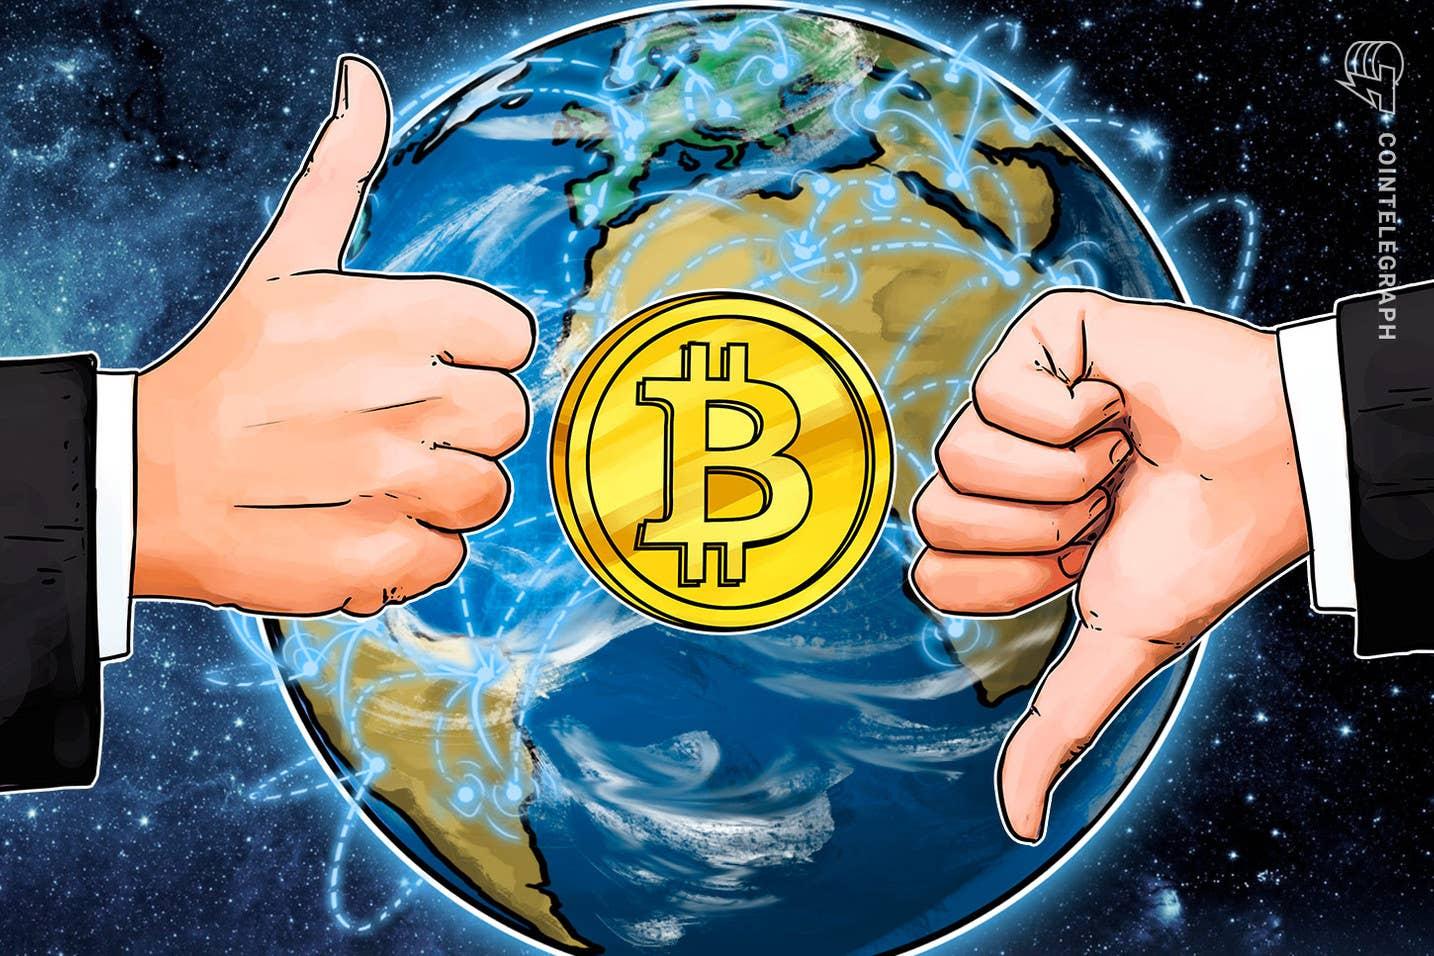 """Prekyba """"Bitcoin"""" panaši į prekybos antspaudus, sako Švedijos centrinio banko valdytojas"""